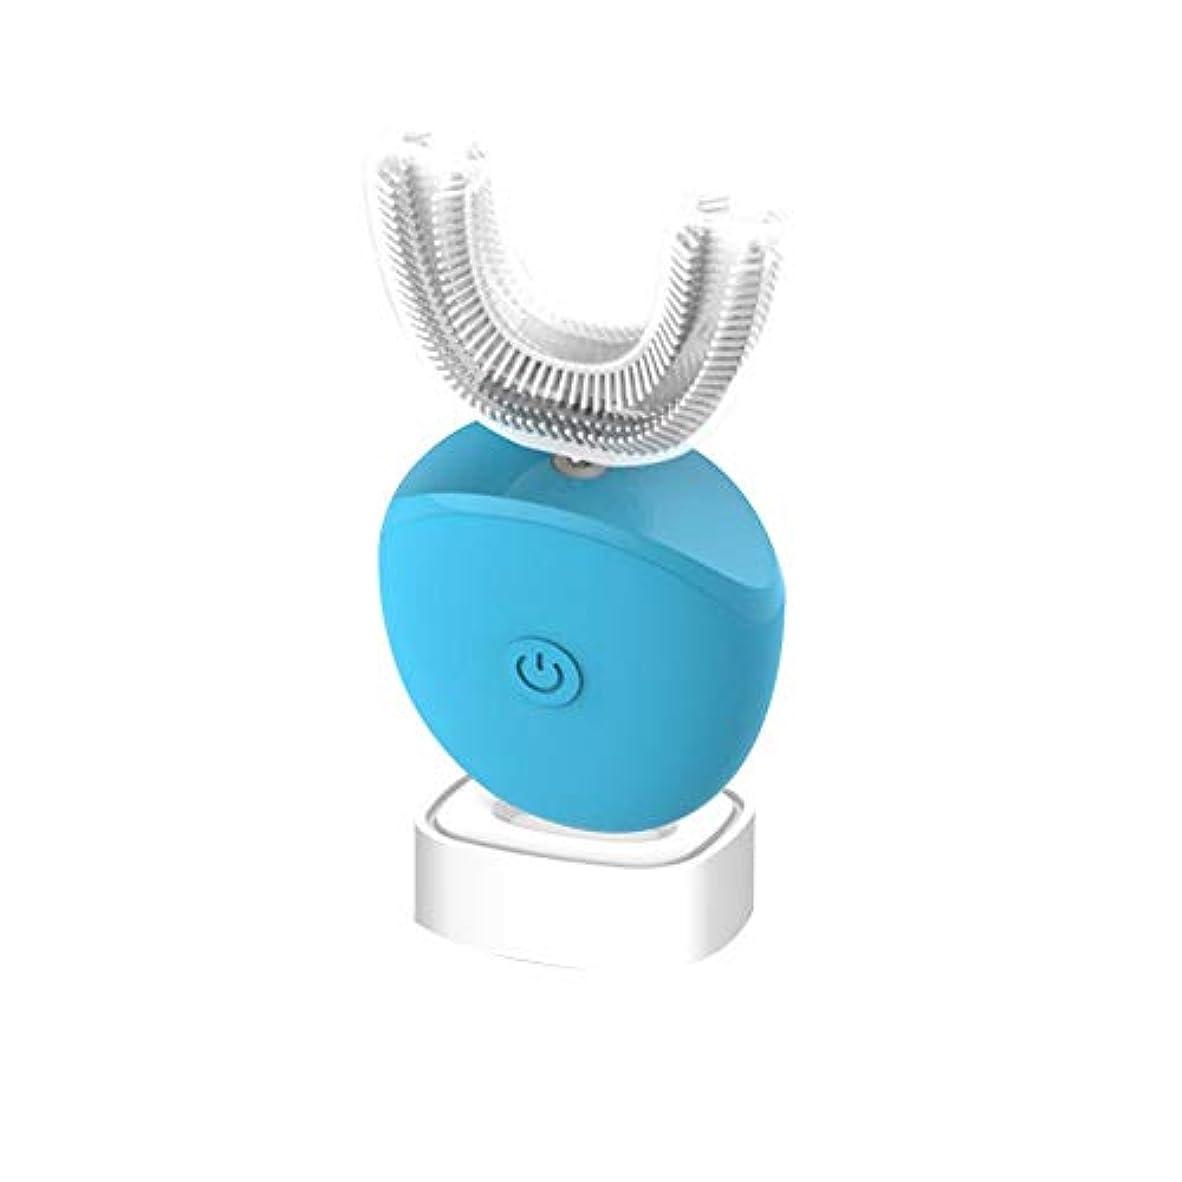 飾る住人ブリードフルオートマチック可変周波数電動歯ブラシ、自動360度U字型電動歯ブラシ、ワイヤレス充電IPX7防水自動歯ブラシ(大人用),Blue